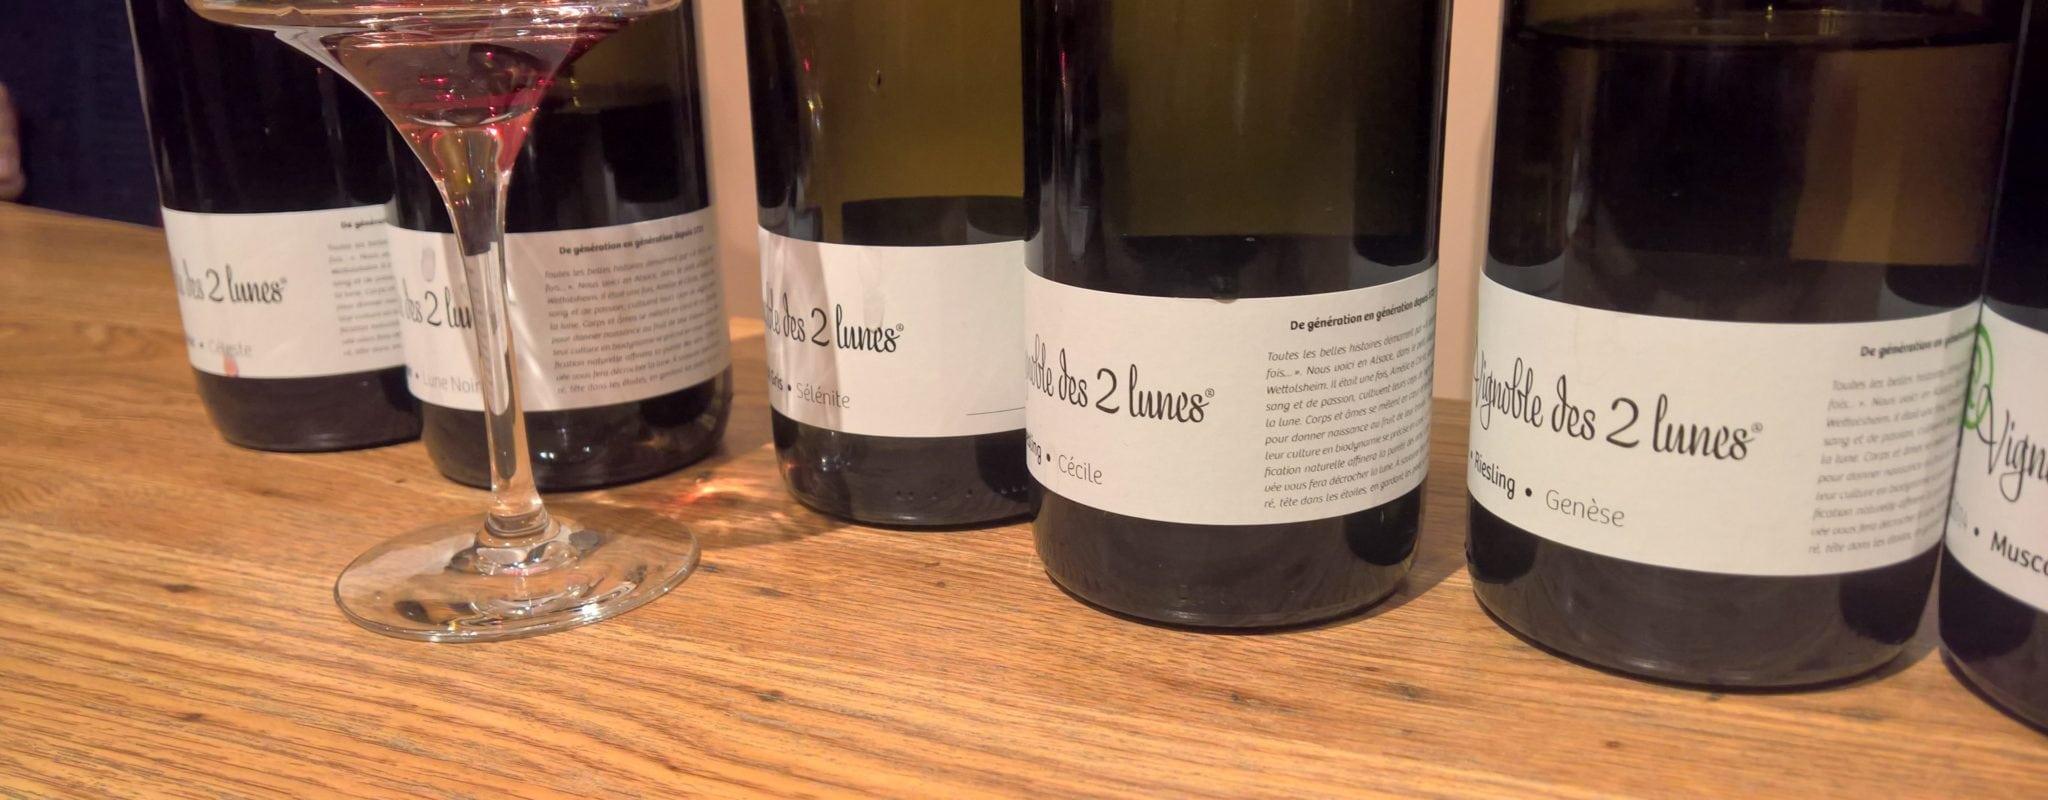 Livraison de vins bios et indépendants à domicile, le pari connecté de Wine Cluster